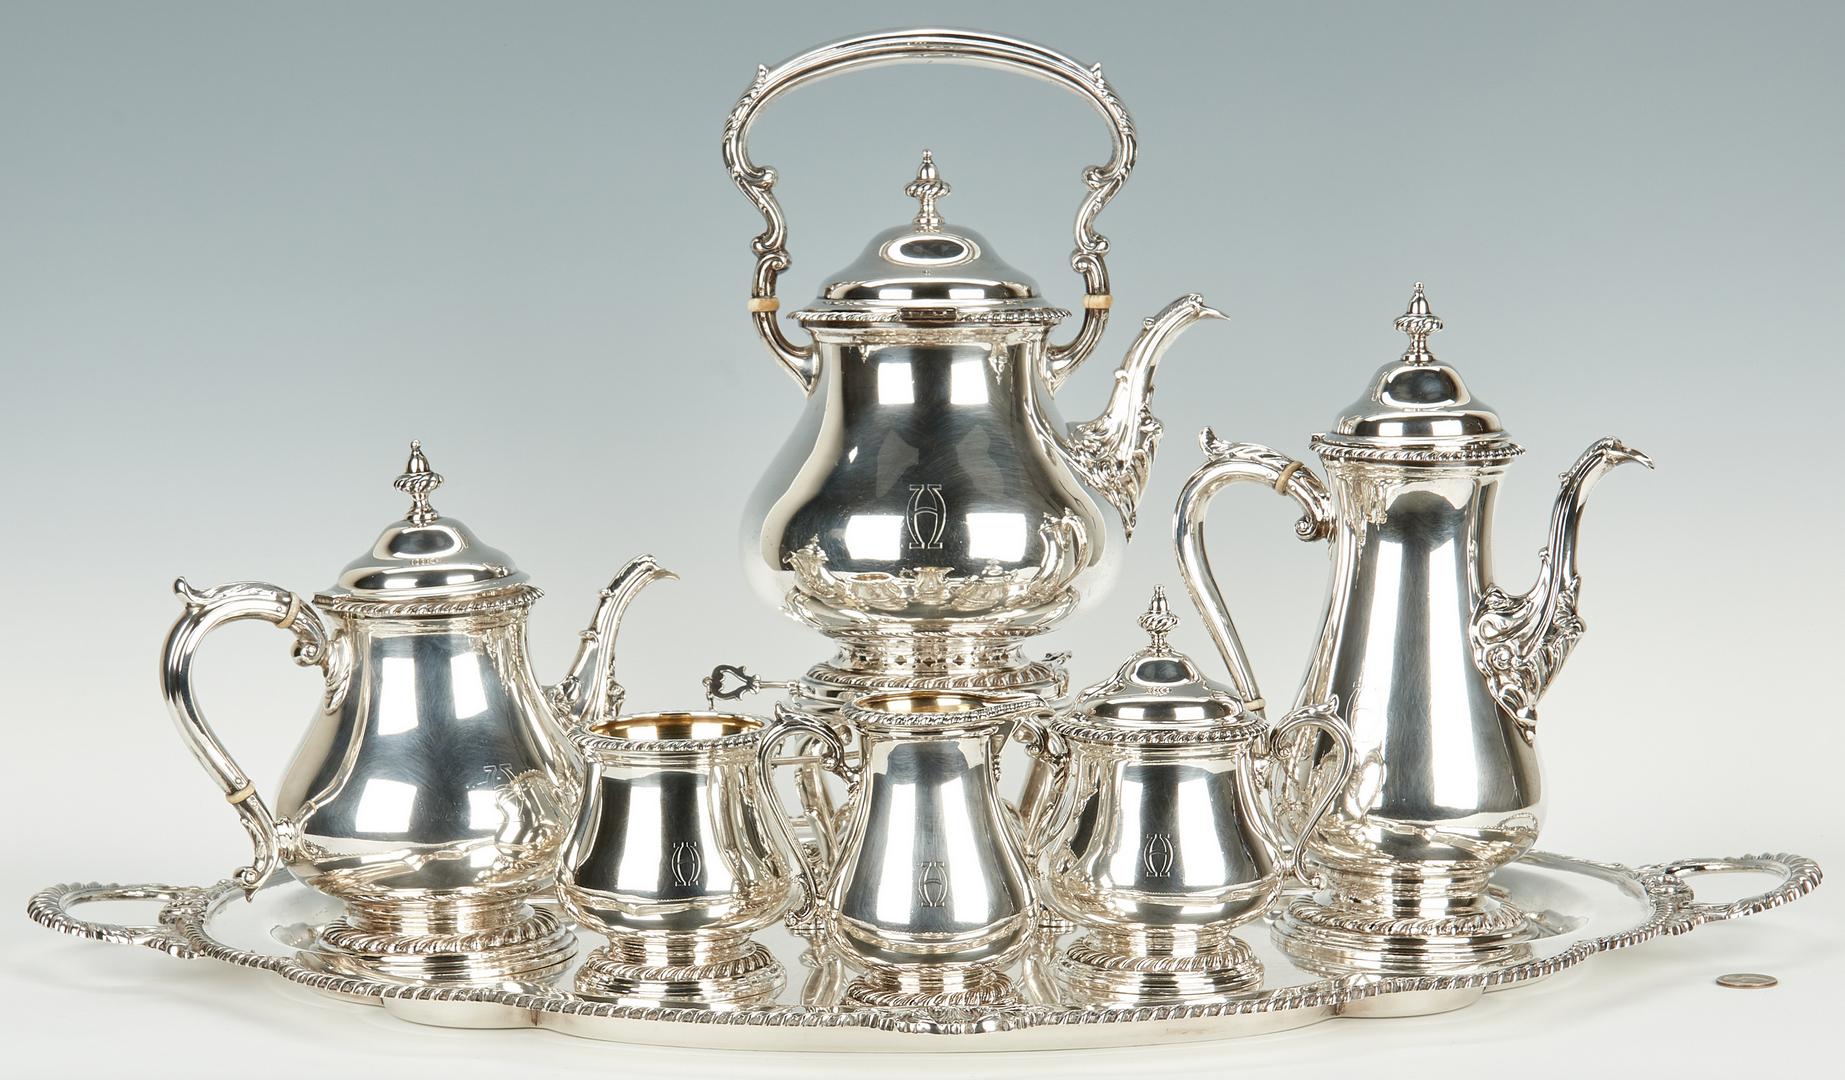 Lot 50: Shreve & Co. Sterling Tea Set w/ Tray, 7 pcs